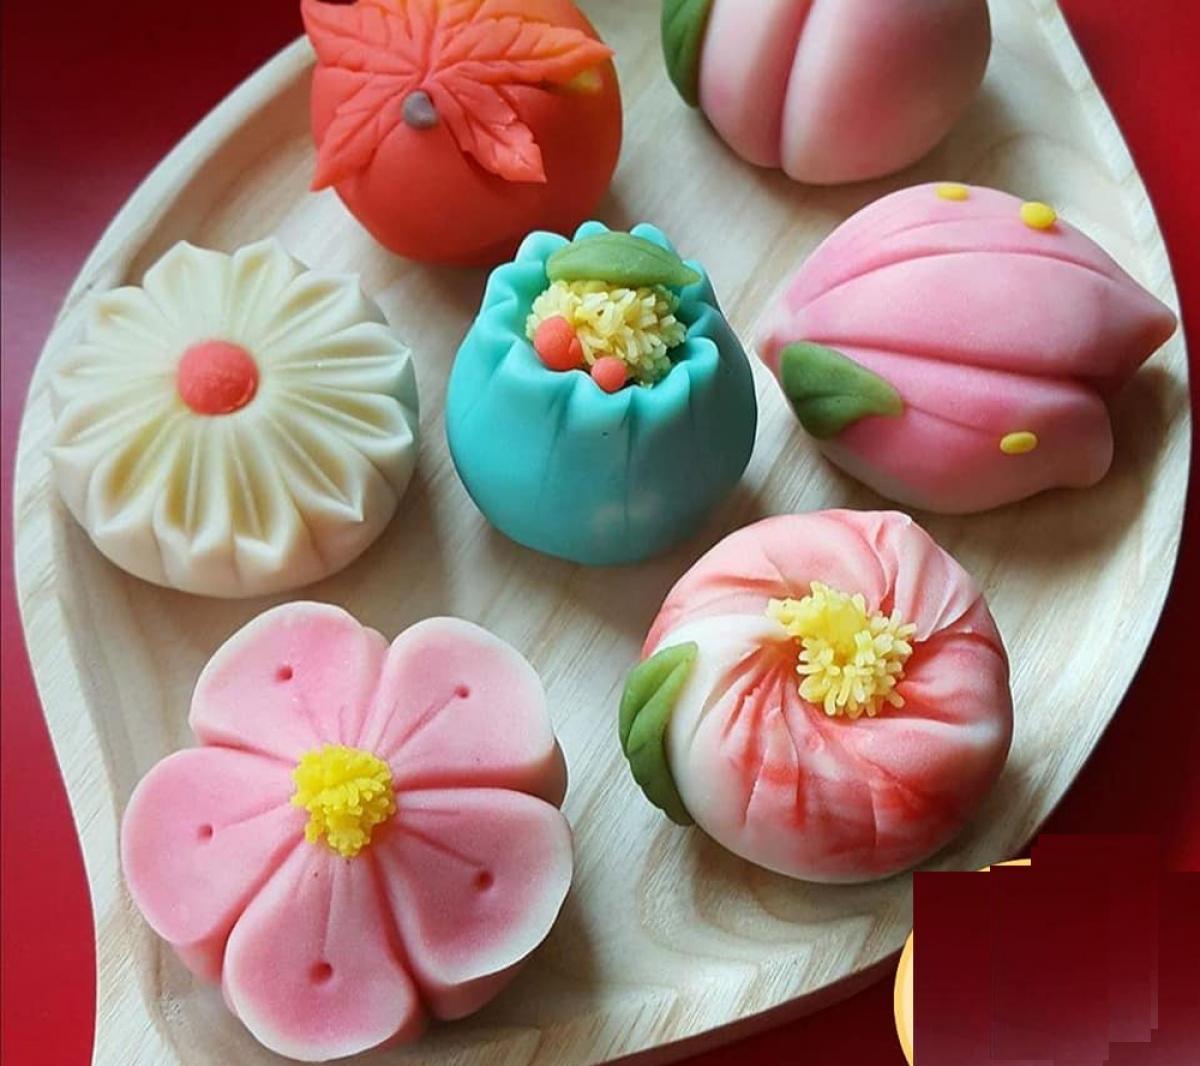 Các mẫu bánh được tạo hình, cắt tỉa rất công phu. (Ảnh: Py Fam)